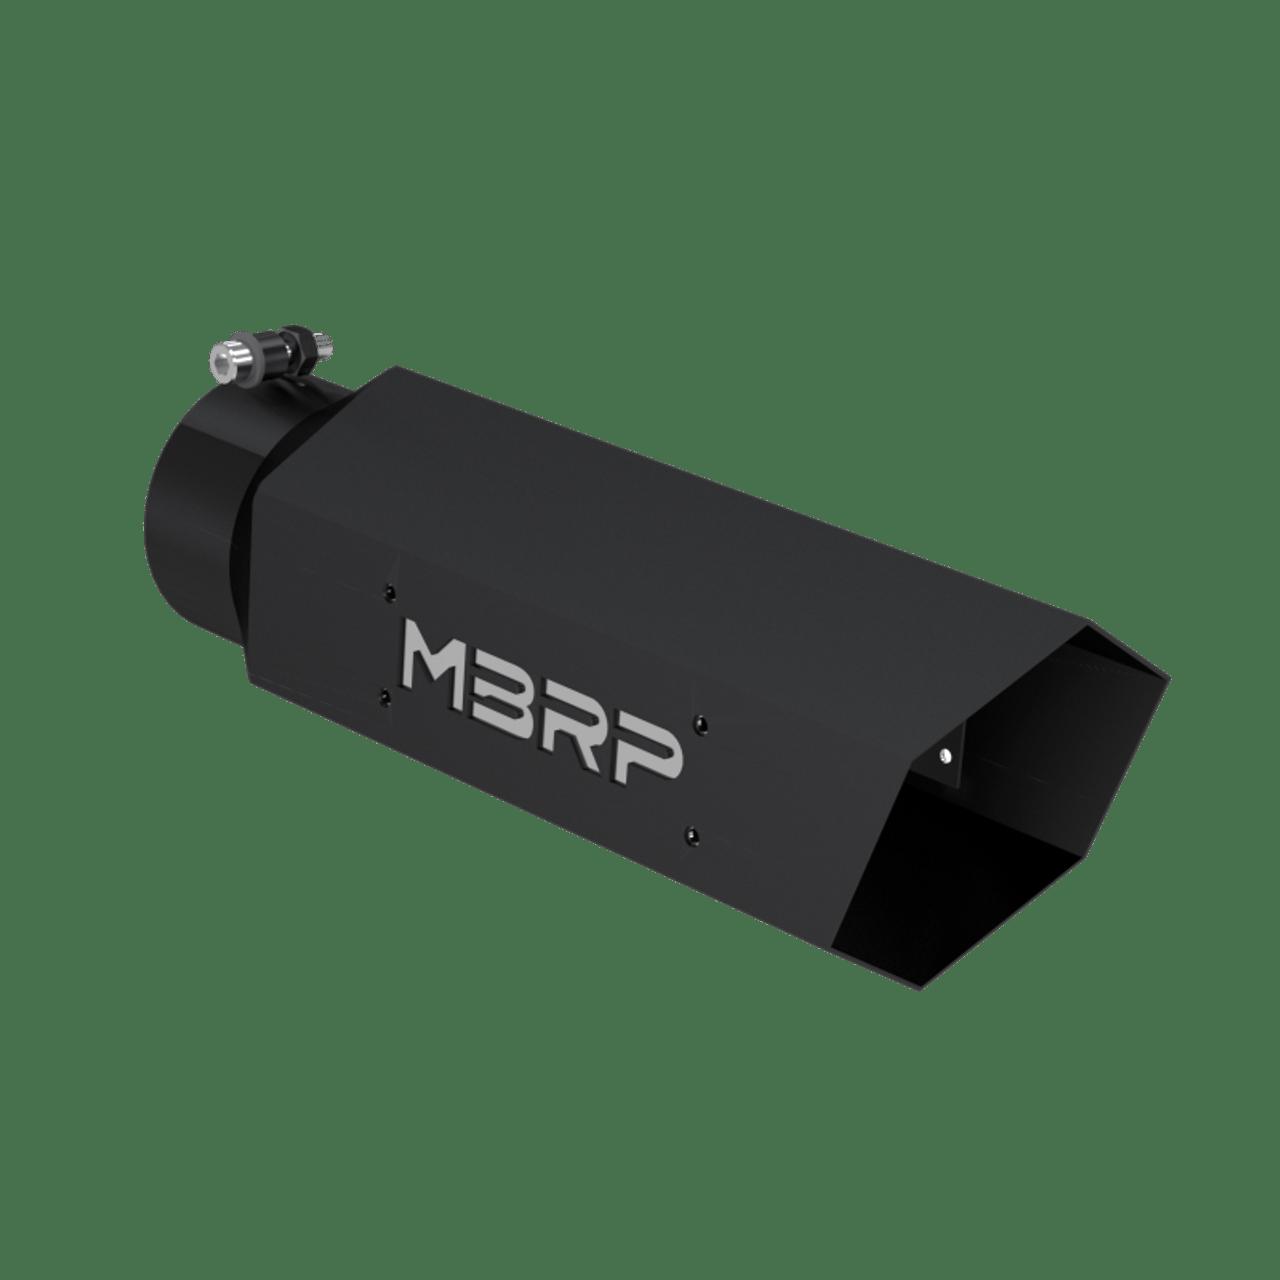 tip 5 hex tip 4 id inlet 16 length mbrp logo black coated